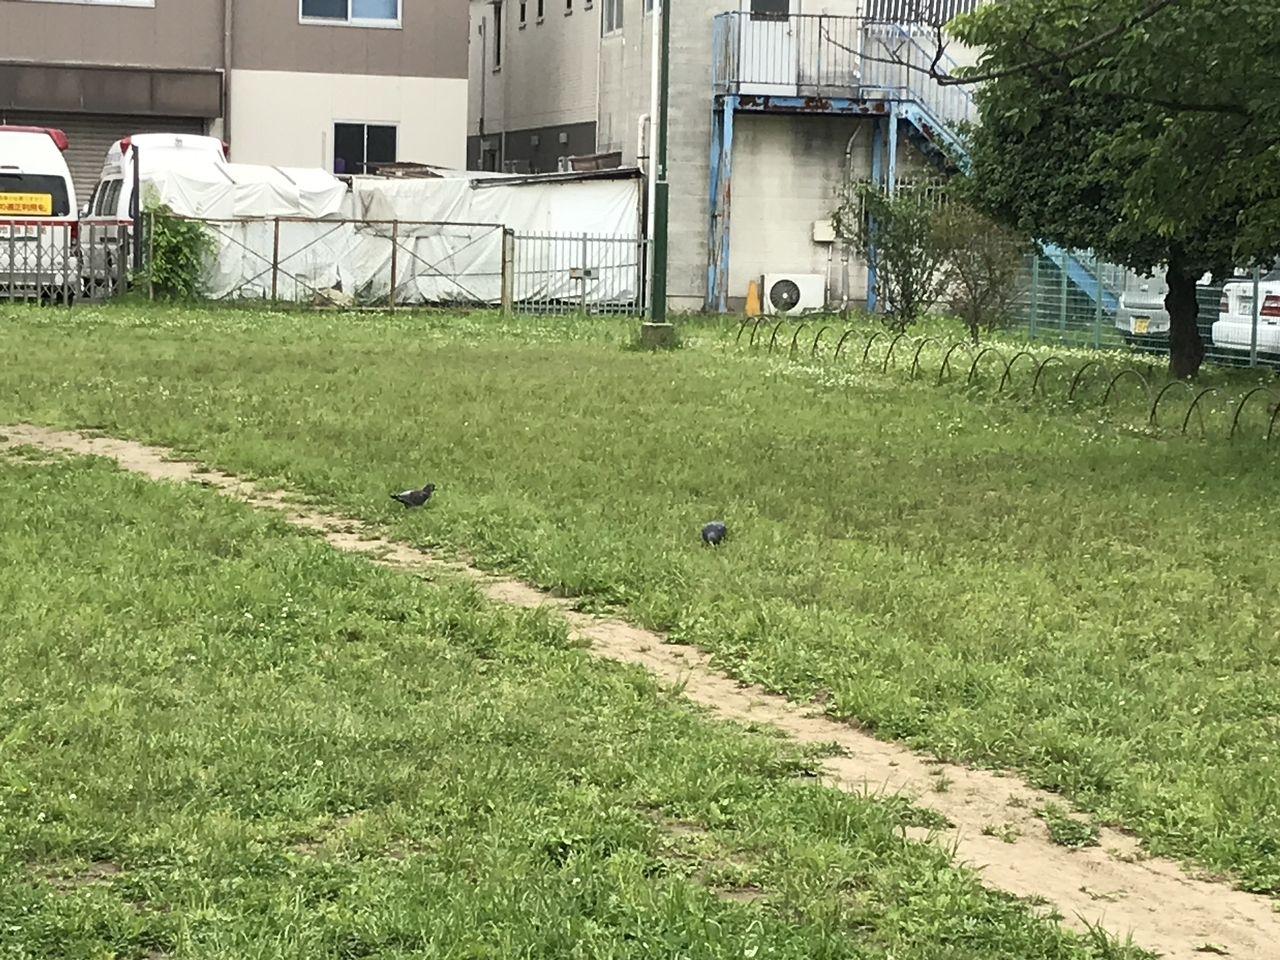 行徳の行徳児童公園の鳩2羽